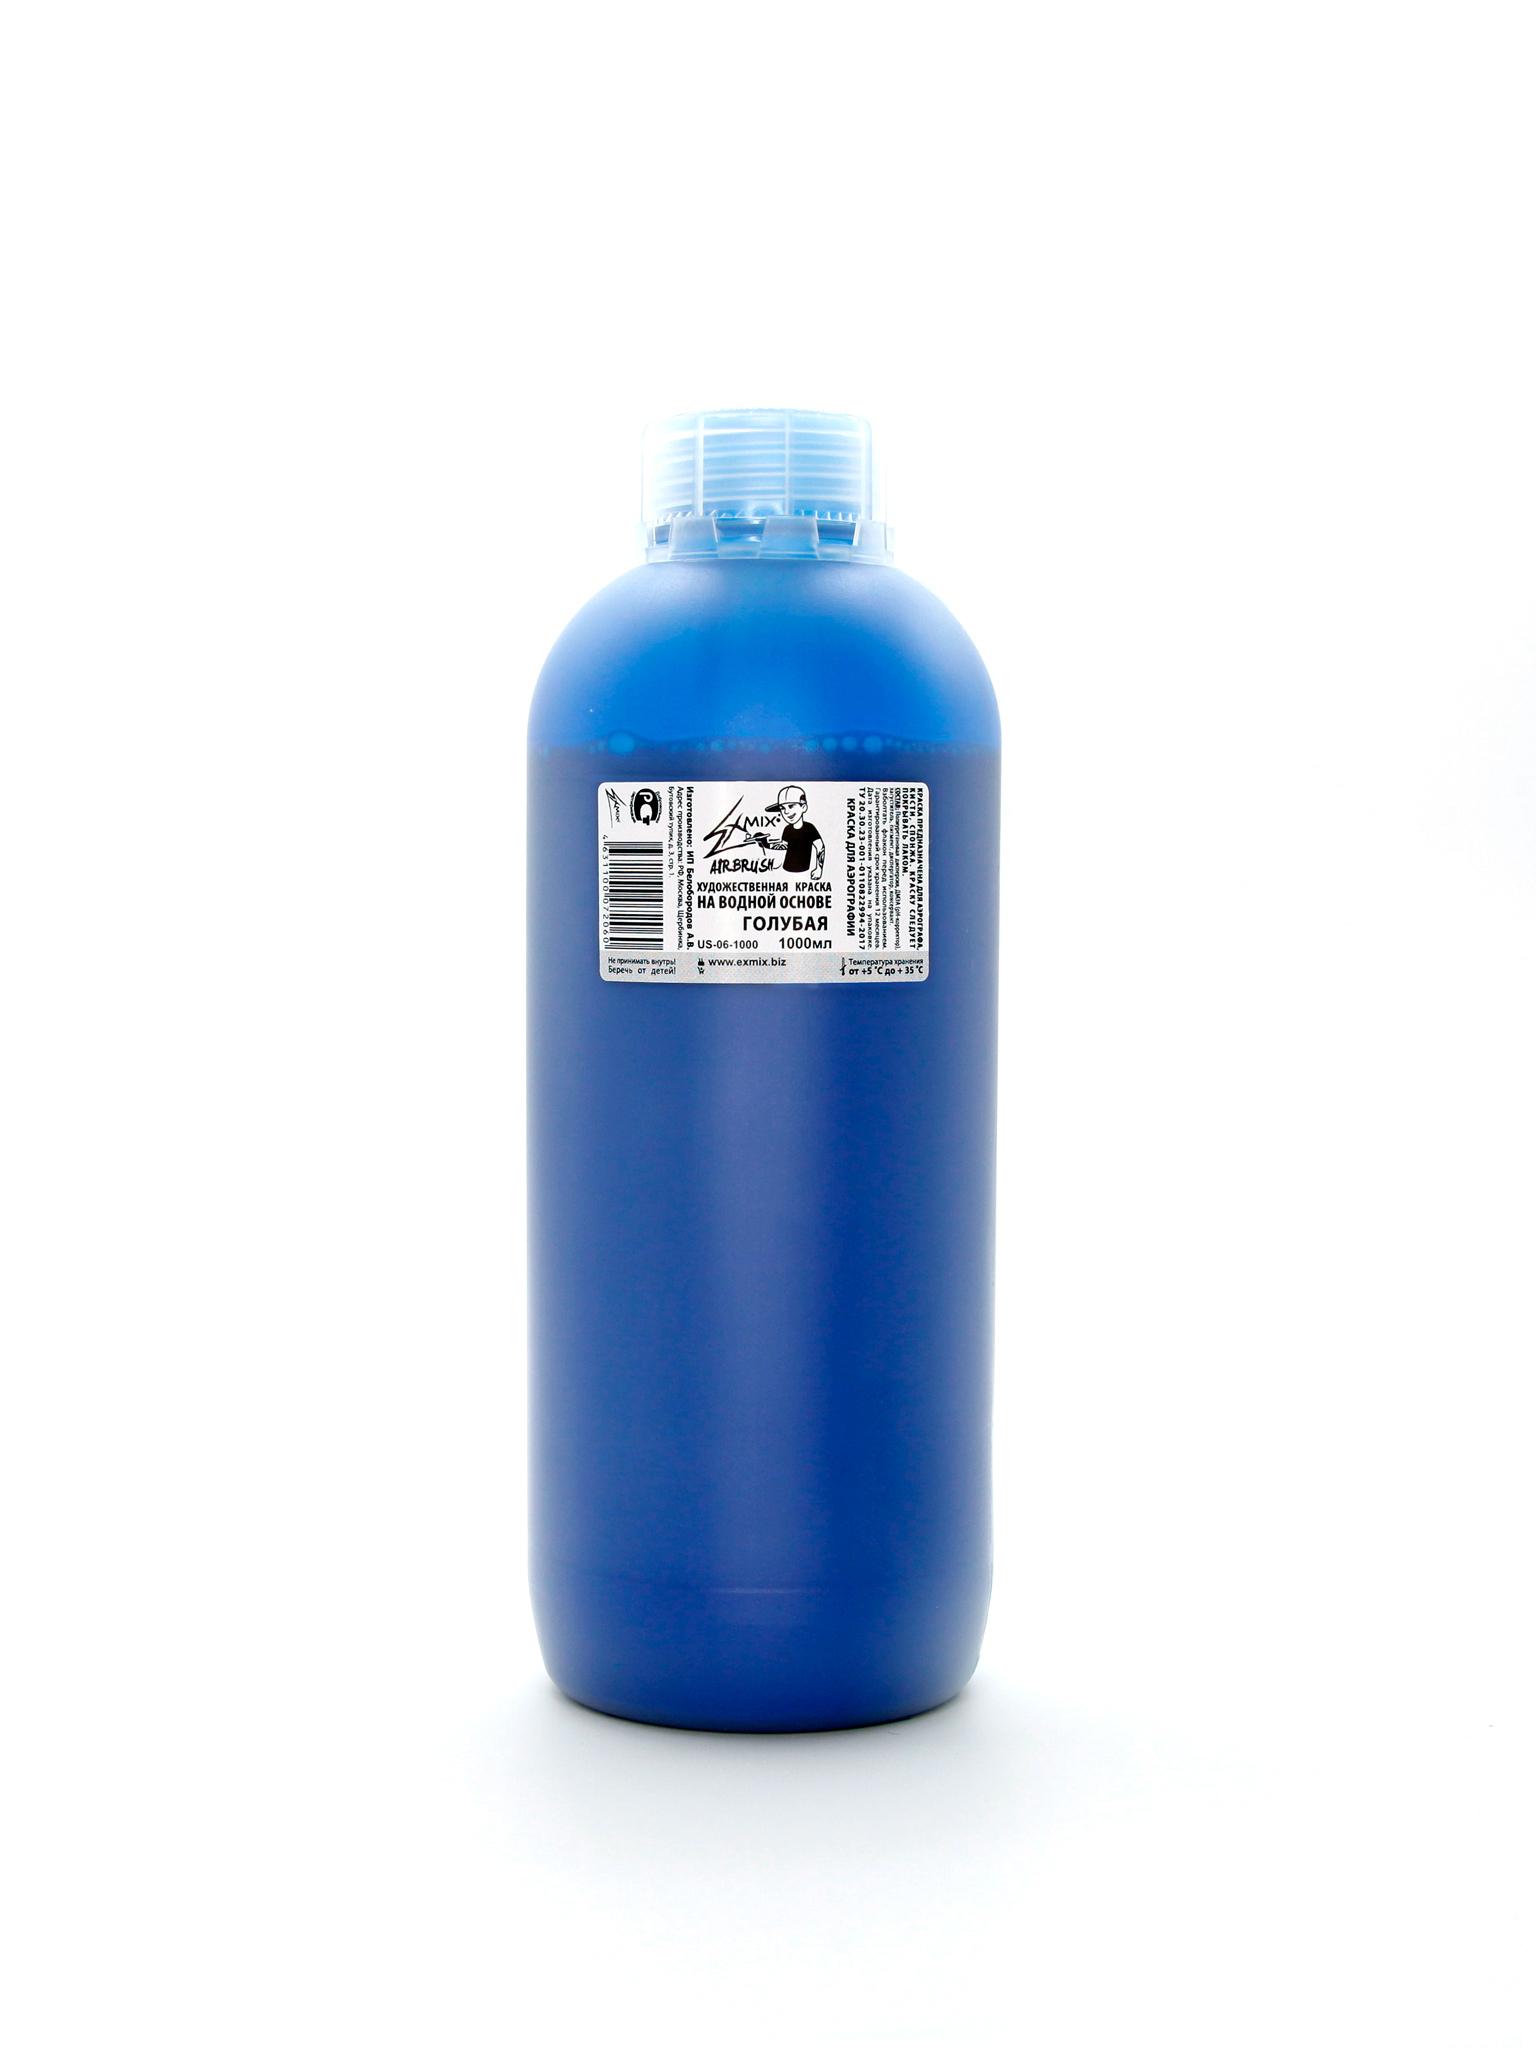 Exmix Краска укрывистая Exmix 06 Голубая 1000 мл US-06-1000.jpg